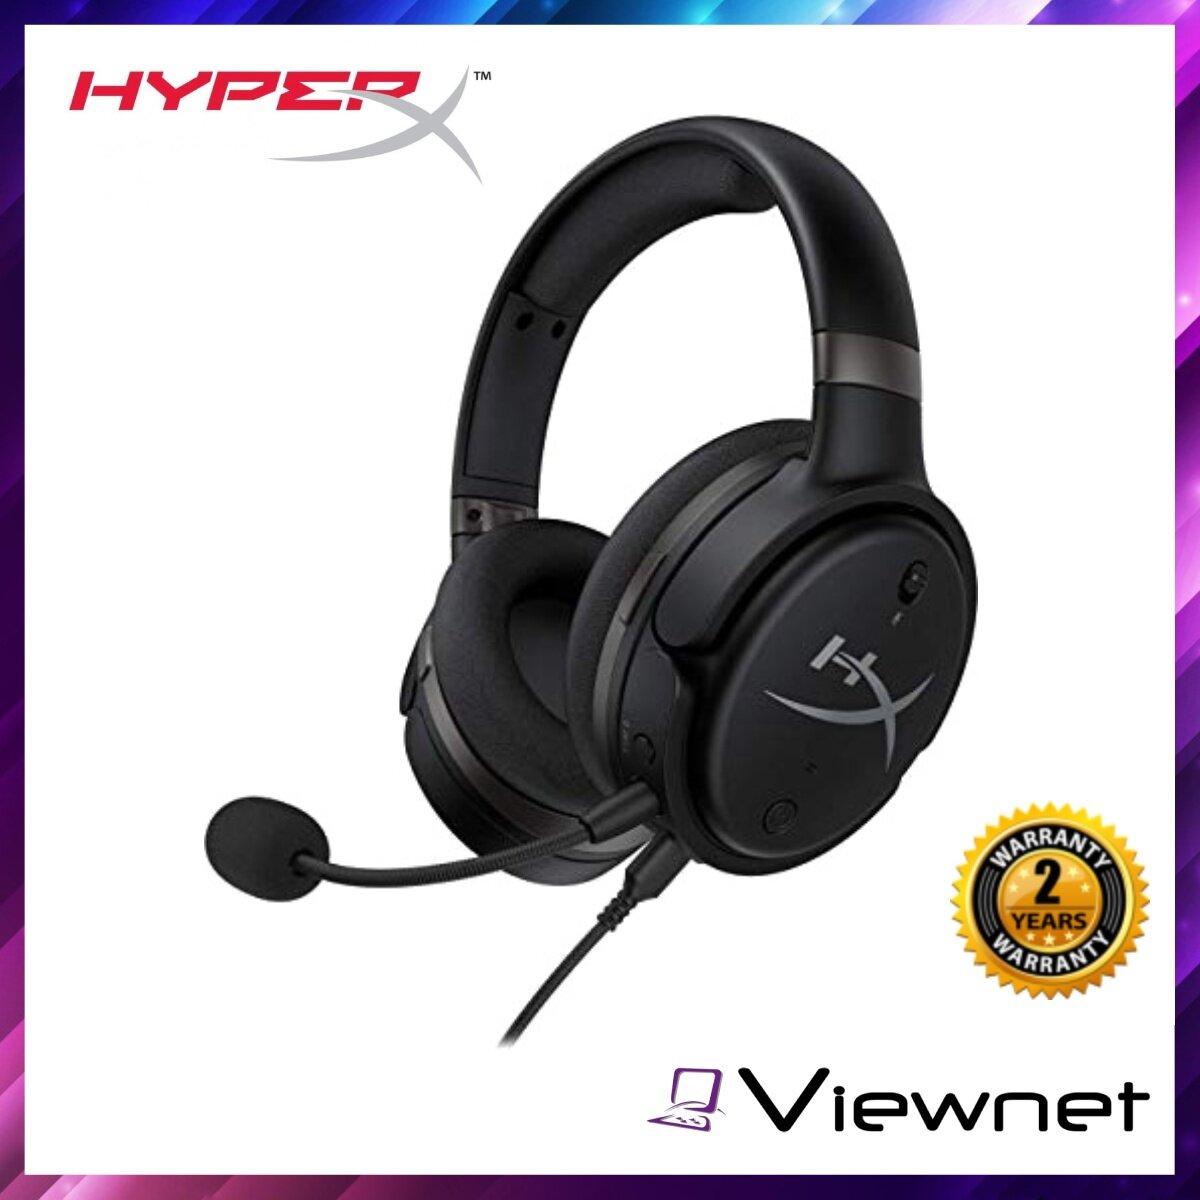 HyperX Cloud Orbit Gaming Headset (HX-HSCO-GM/WW), Audeze Magnetic Drivers, 3D audio, Noise cancellation mic, Detachable cable